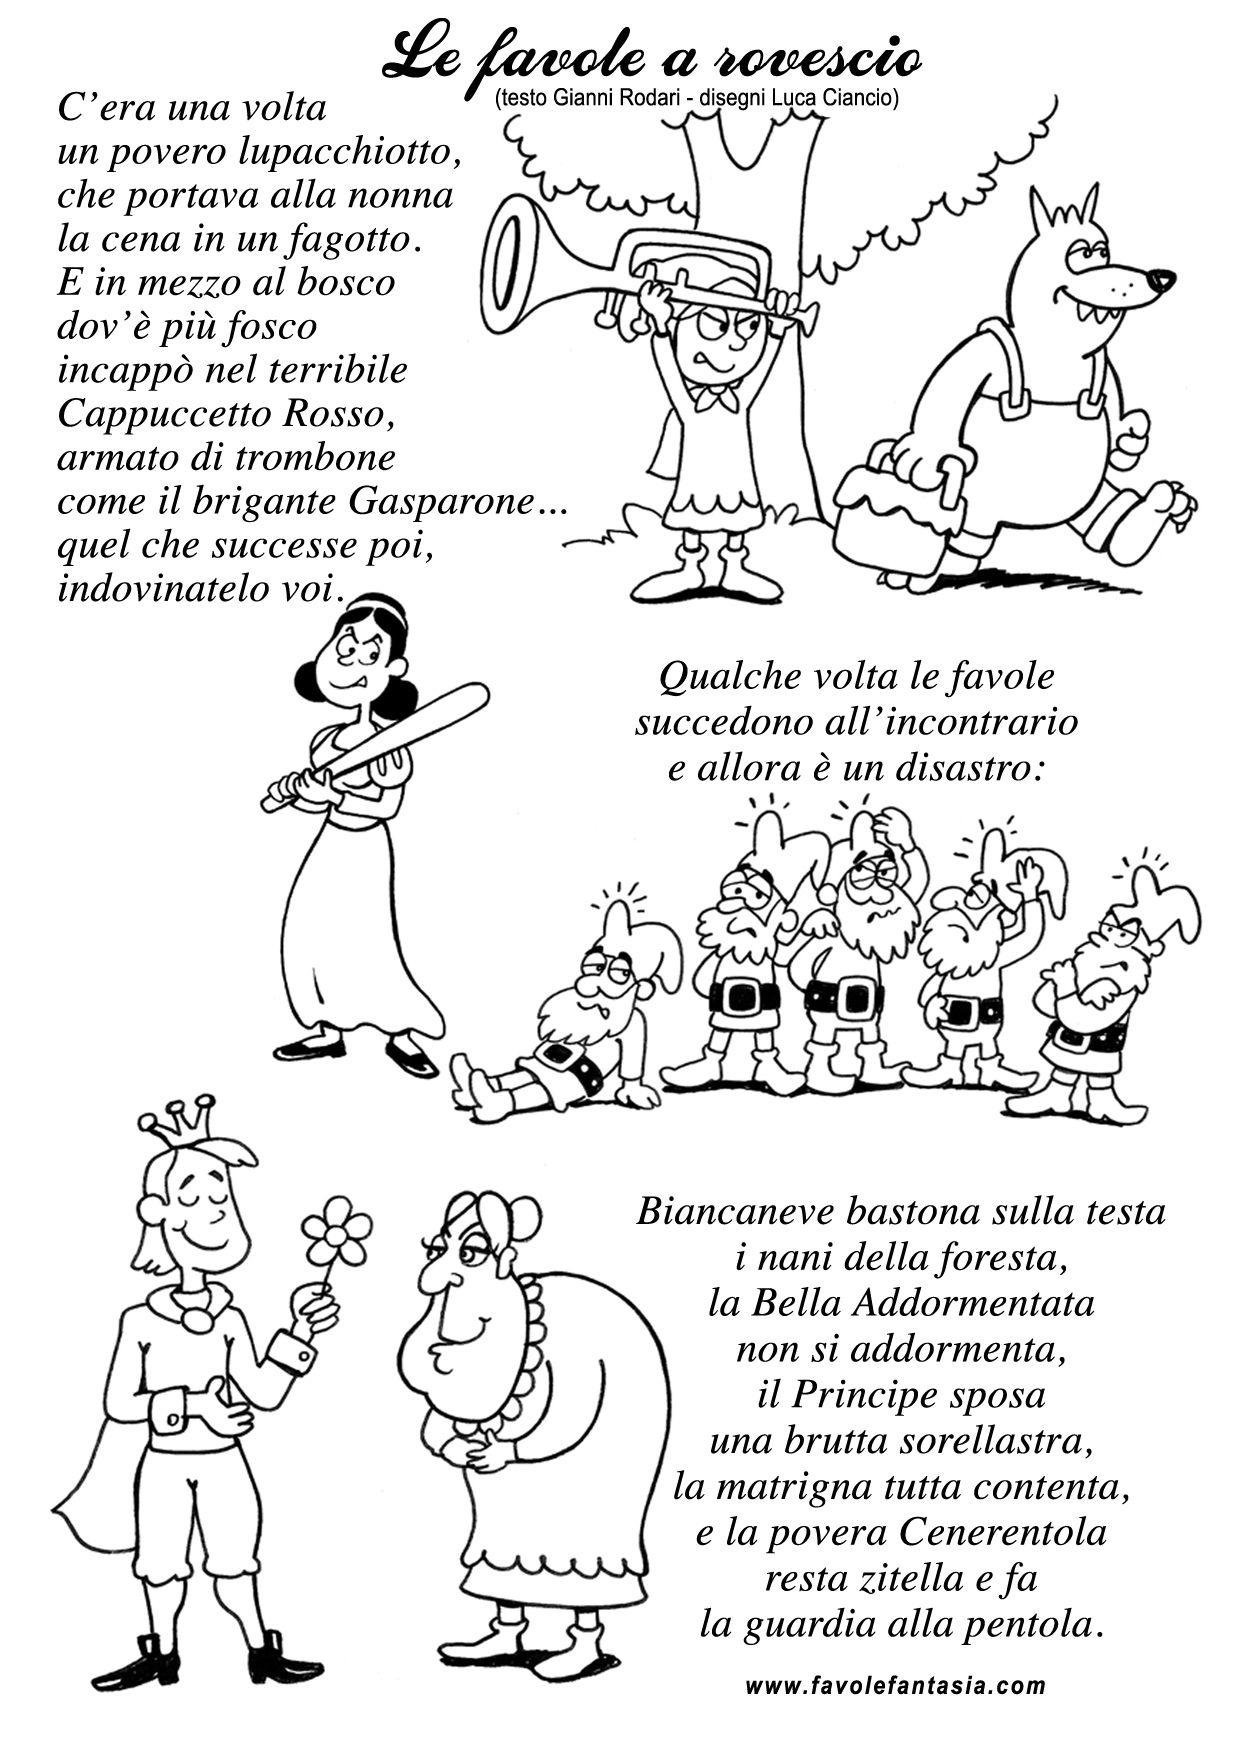 Favole A Rovescio Rodari Con Immagini Filastrocche Le Idee Della Scuola Scuola